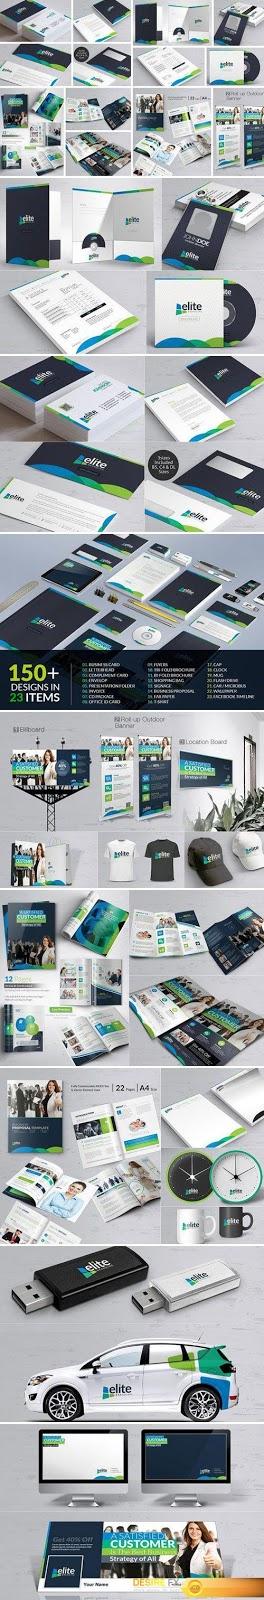 مجموعة تصاميم هوية متكاملة للعرض العلامة التجارية-بلال ارت